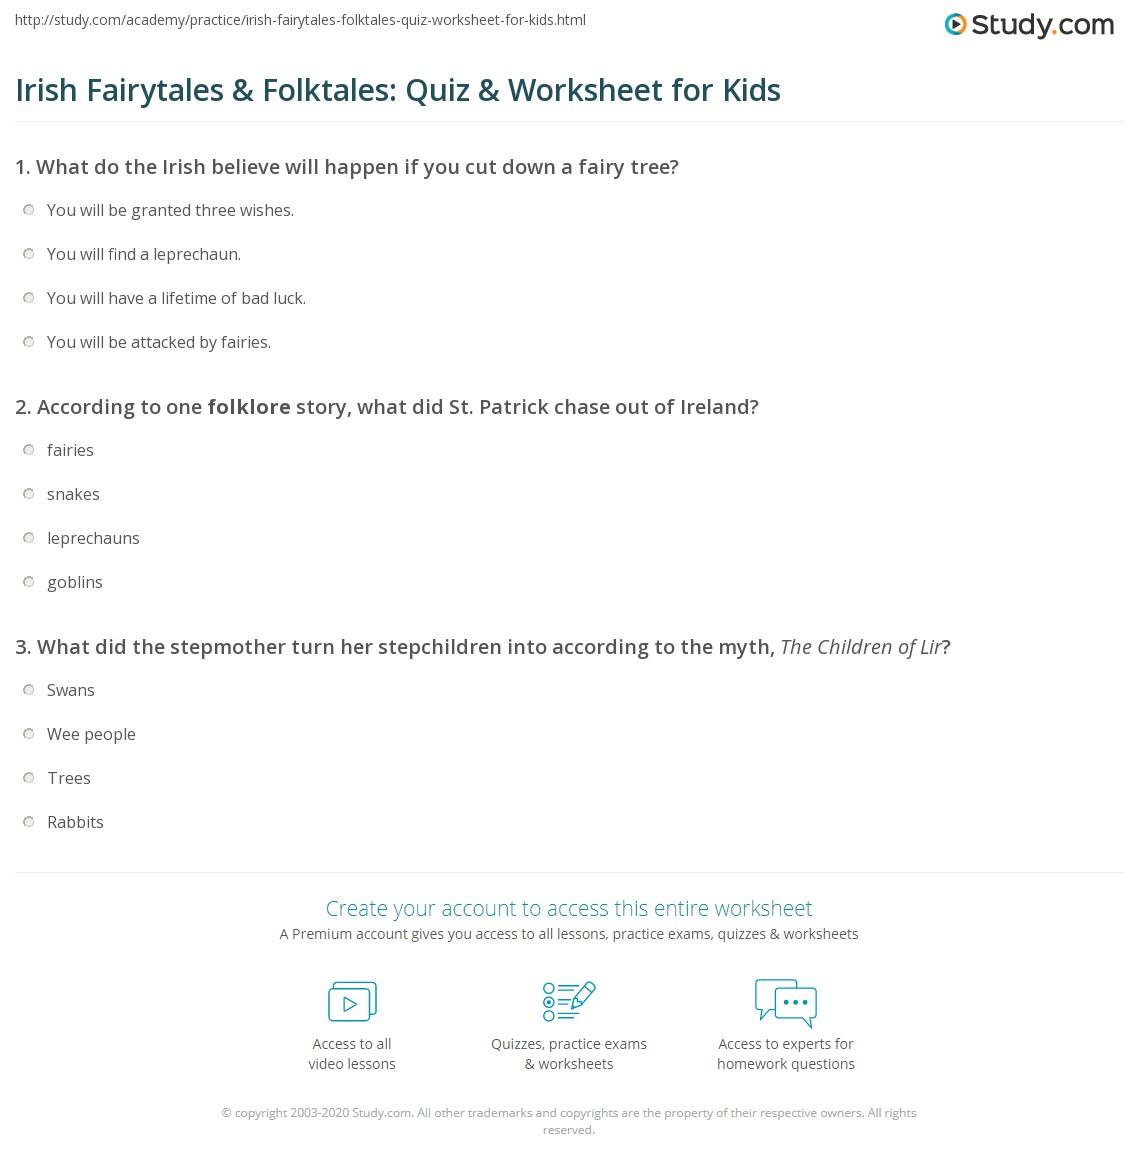 Irish Fairytales & Folktales: Quiz & Worksheet for Kids